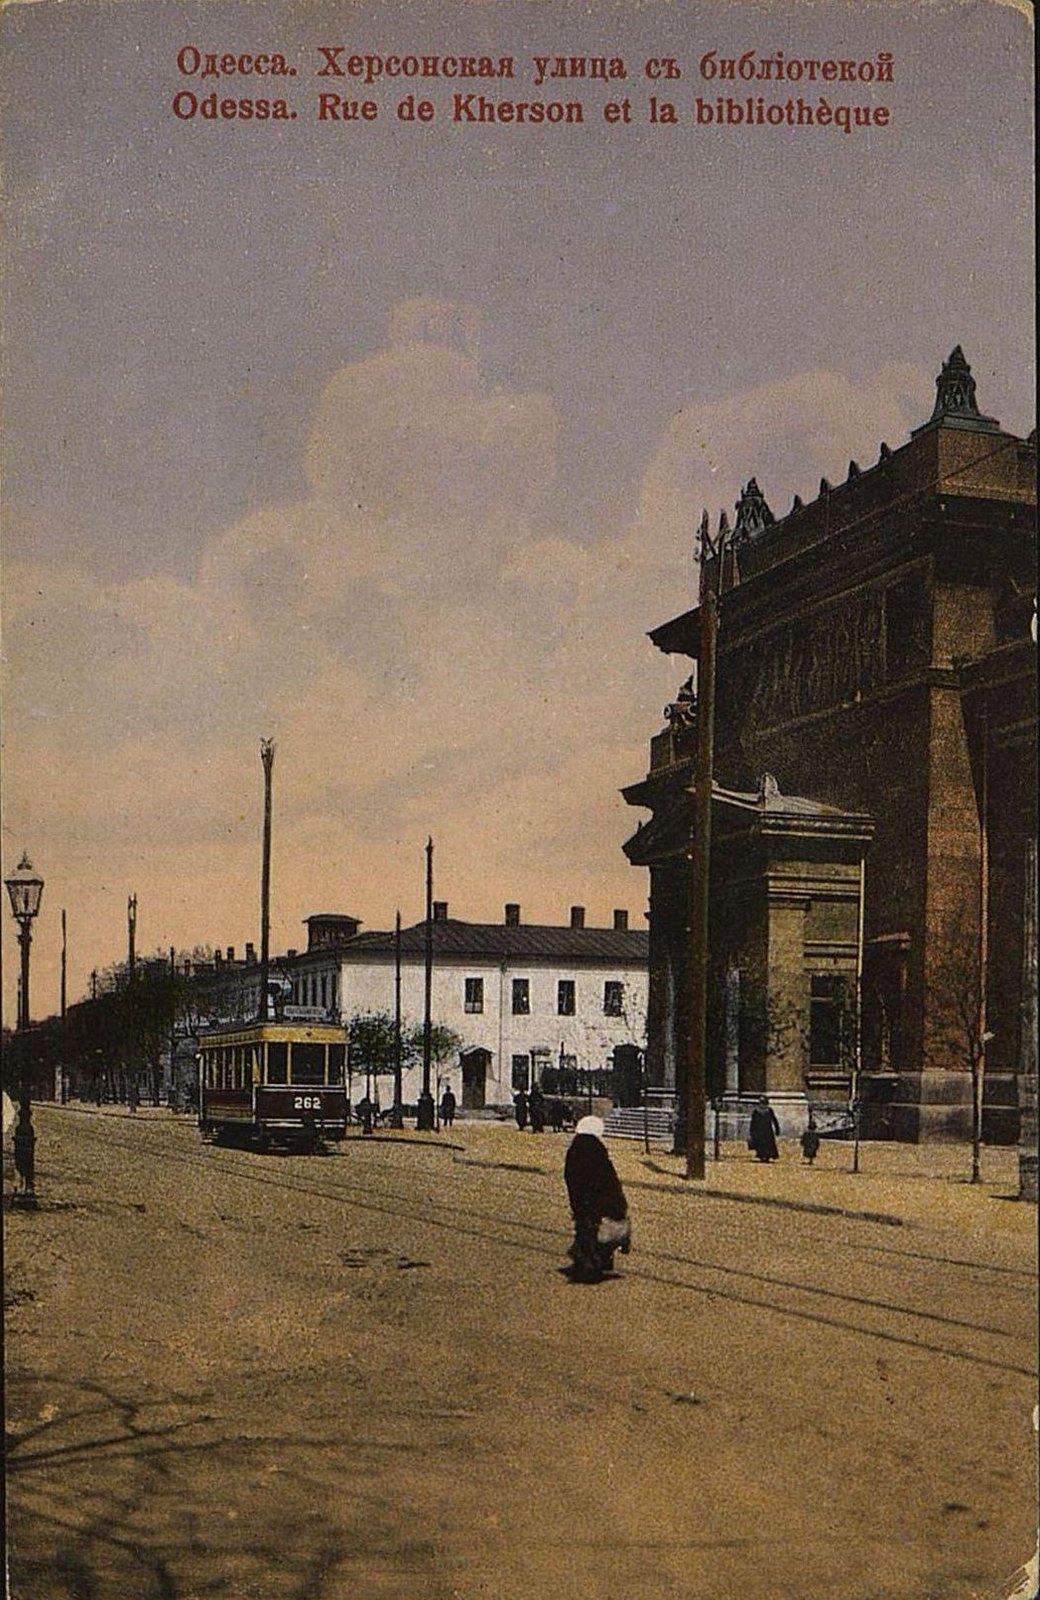 Херсонская улица с библиотекой